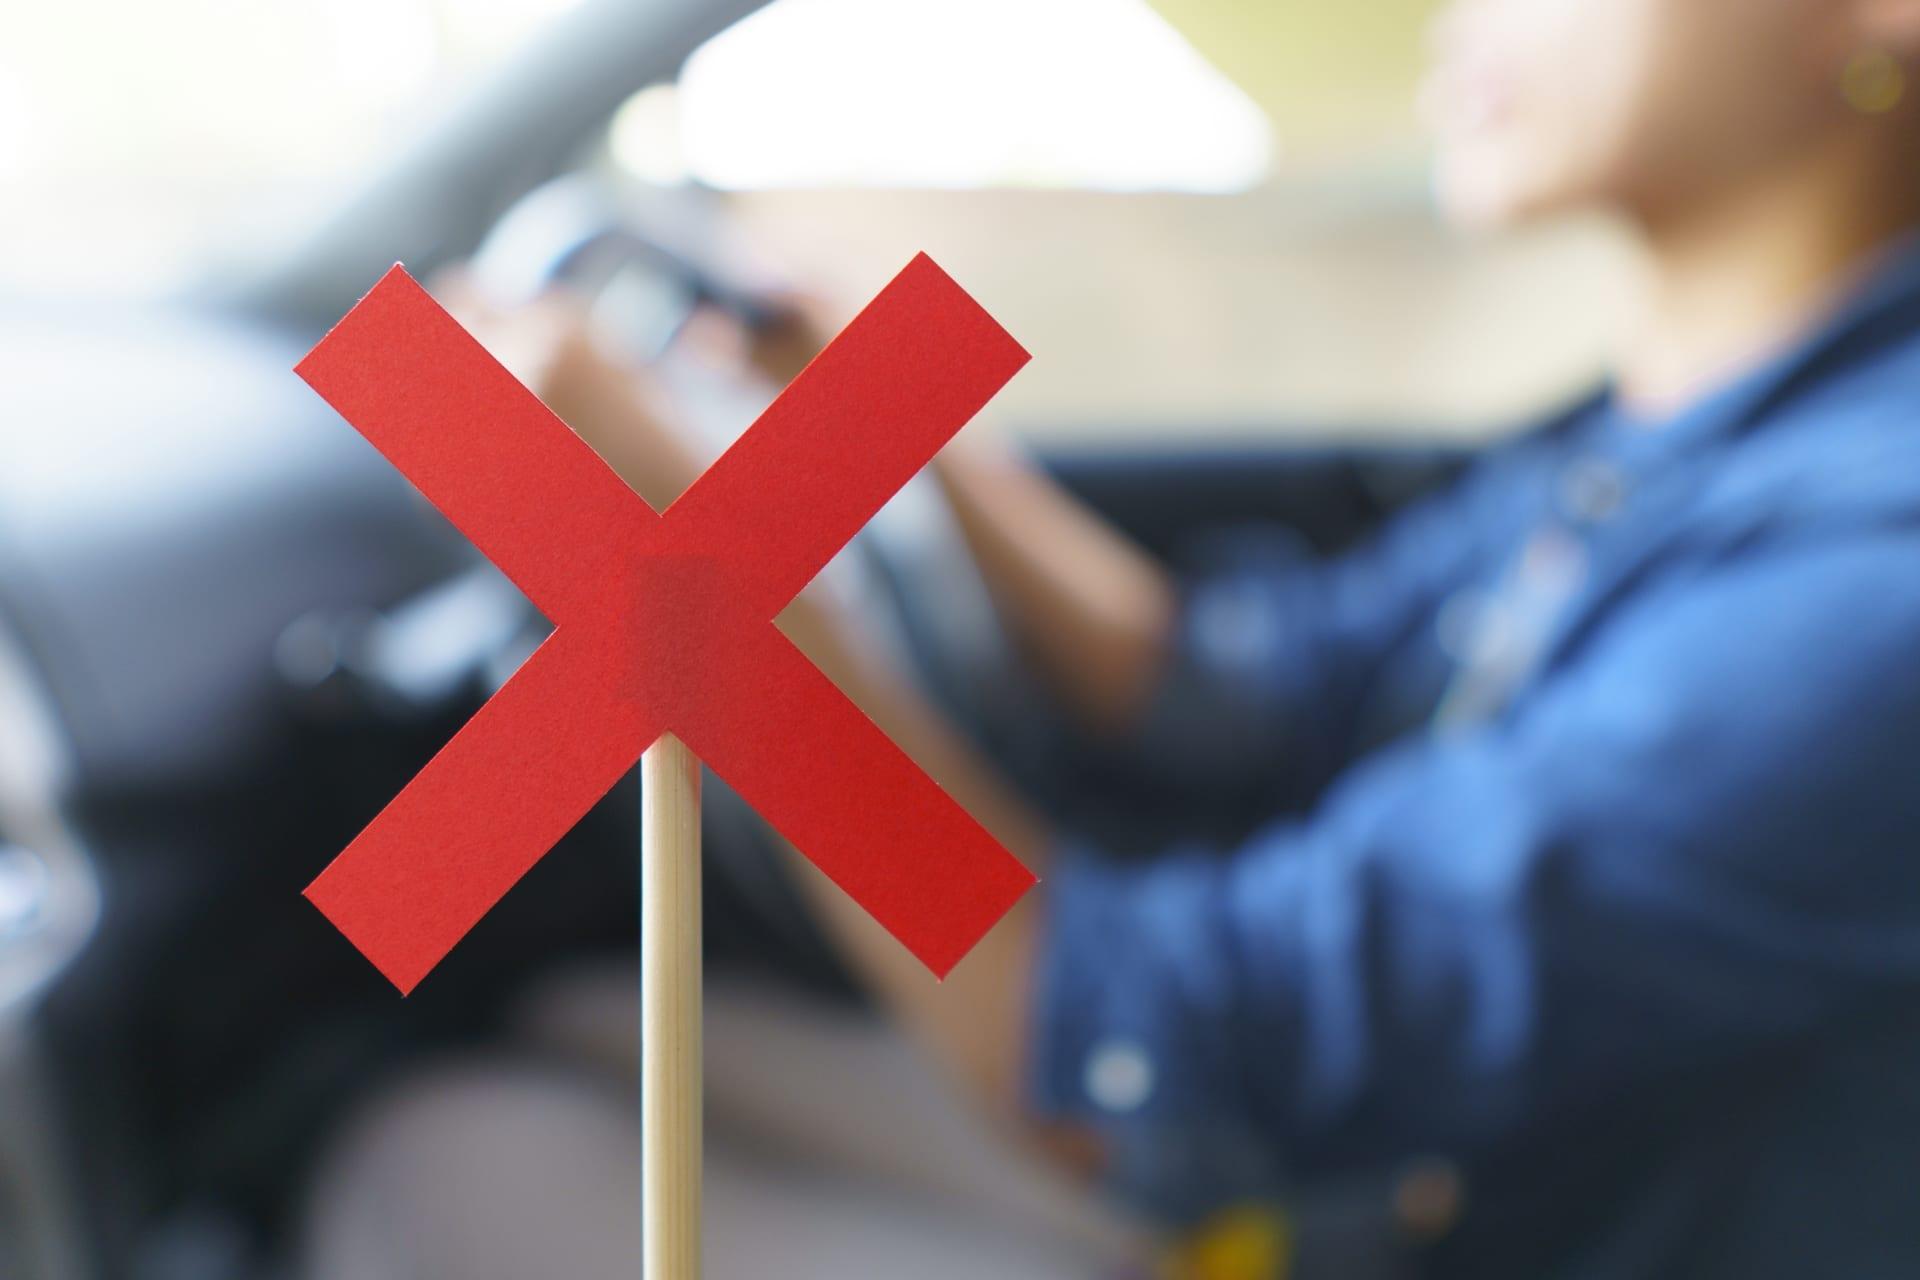 【検証】厳罰化された「ながらスマホ(運転)」について警察に聞いてみた!